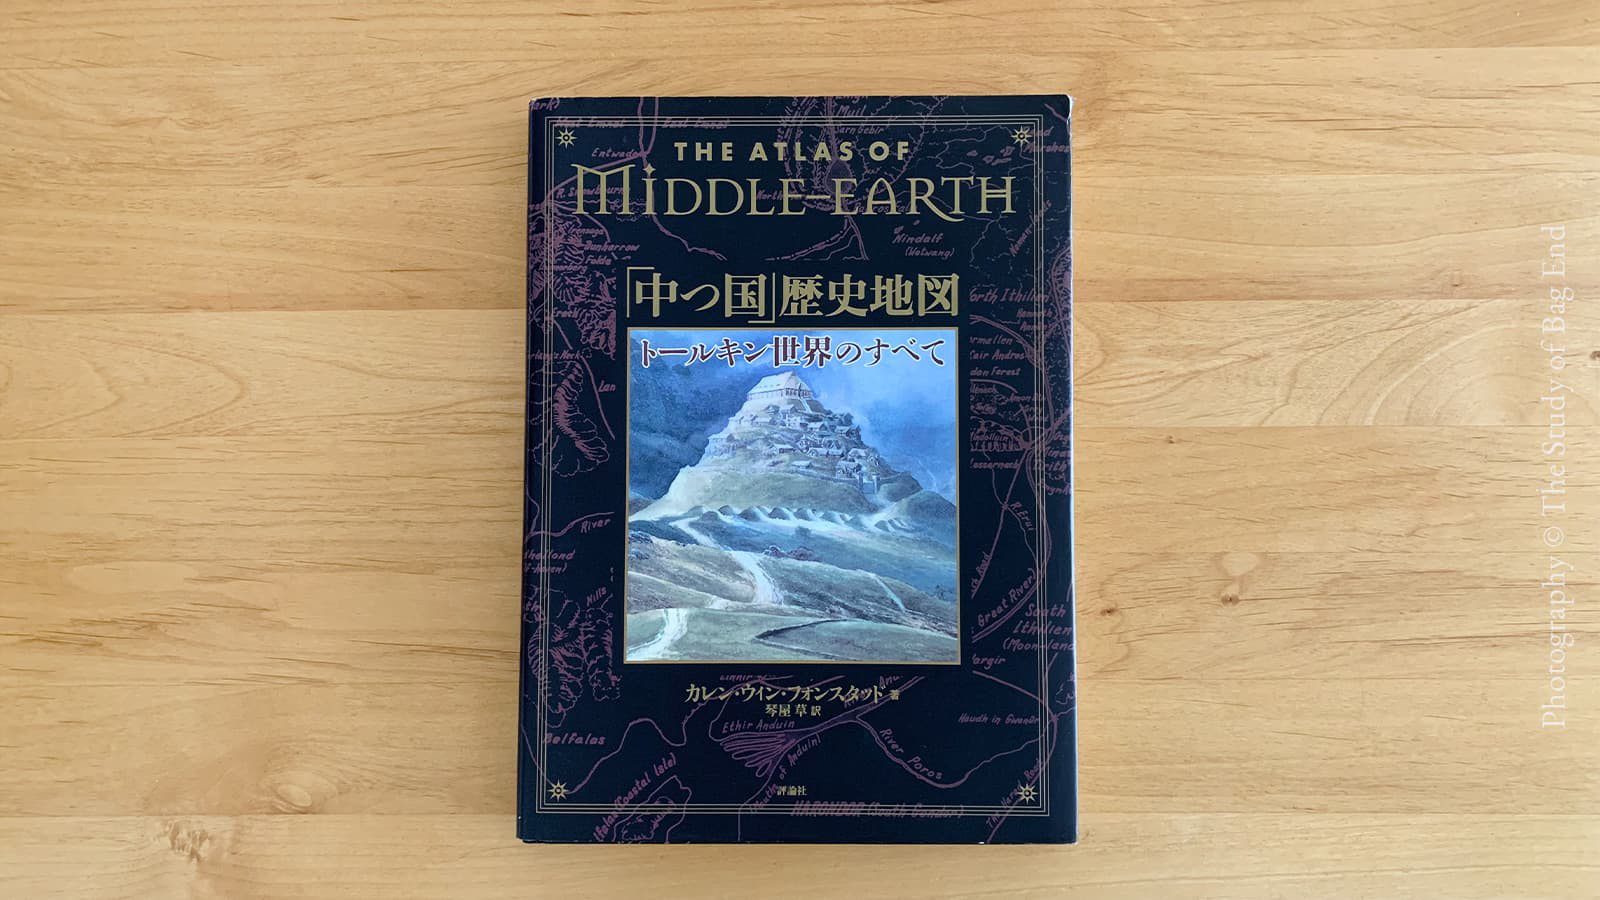 「中つ国」歴史地図 Photography (c) The Study of Bag End